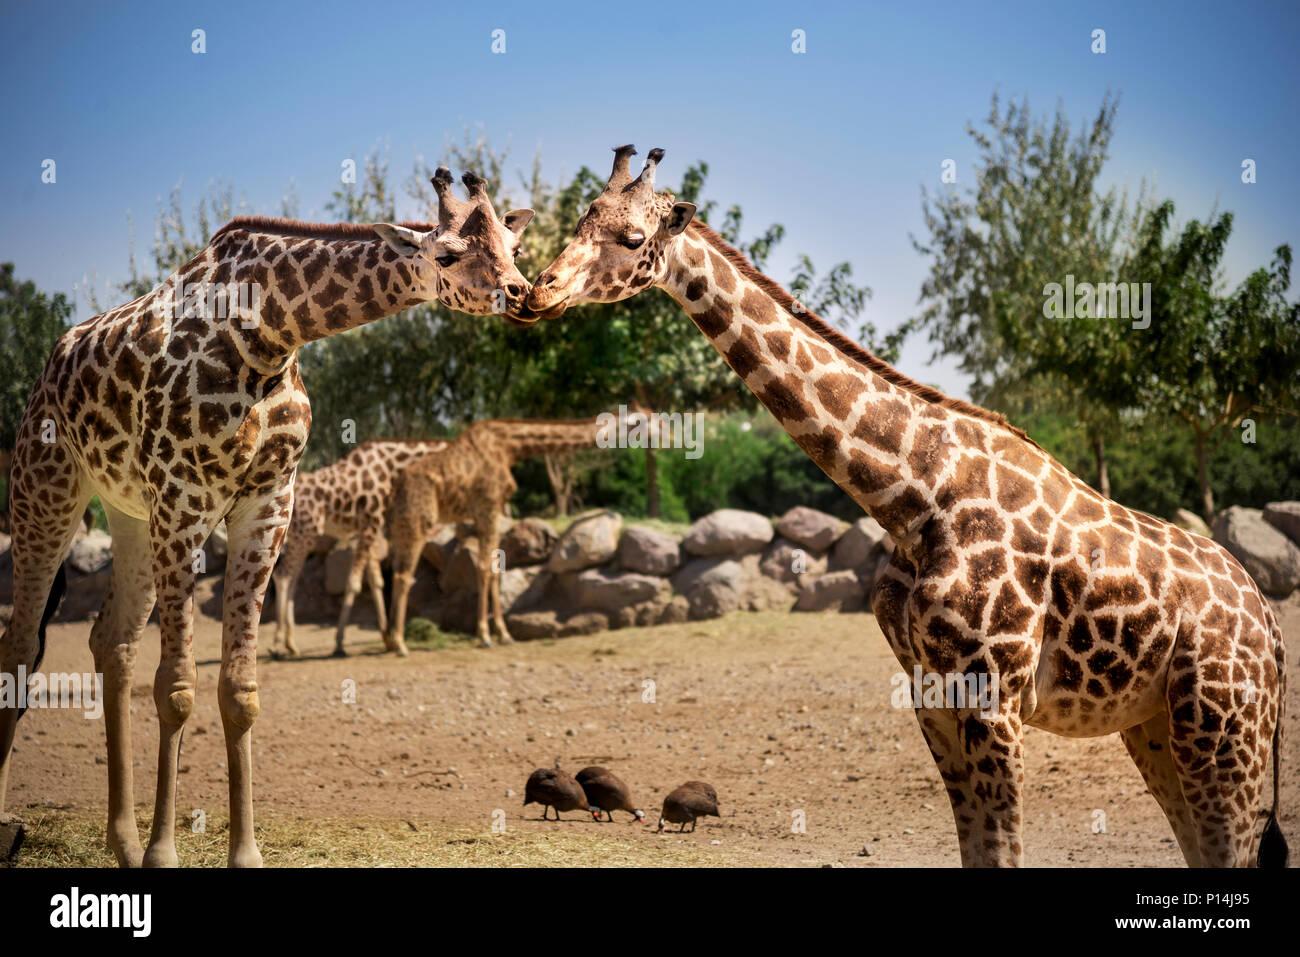 Deux girafes qui s'embrassent dans le zoo. Banque D'Images